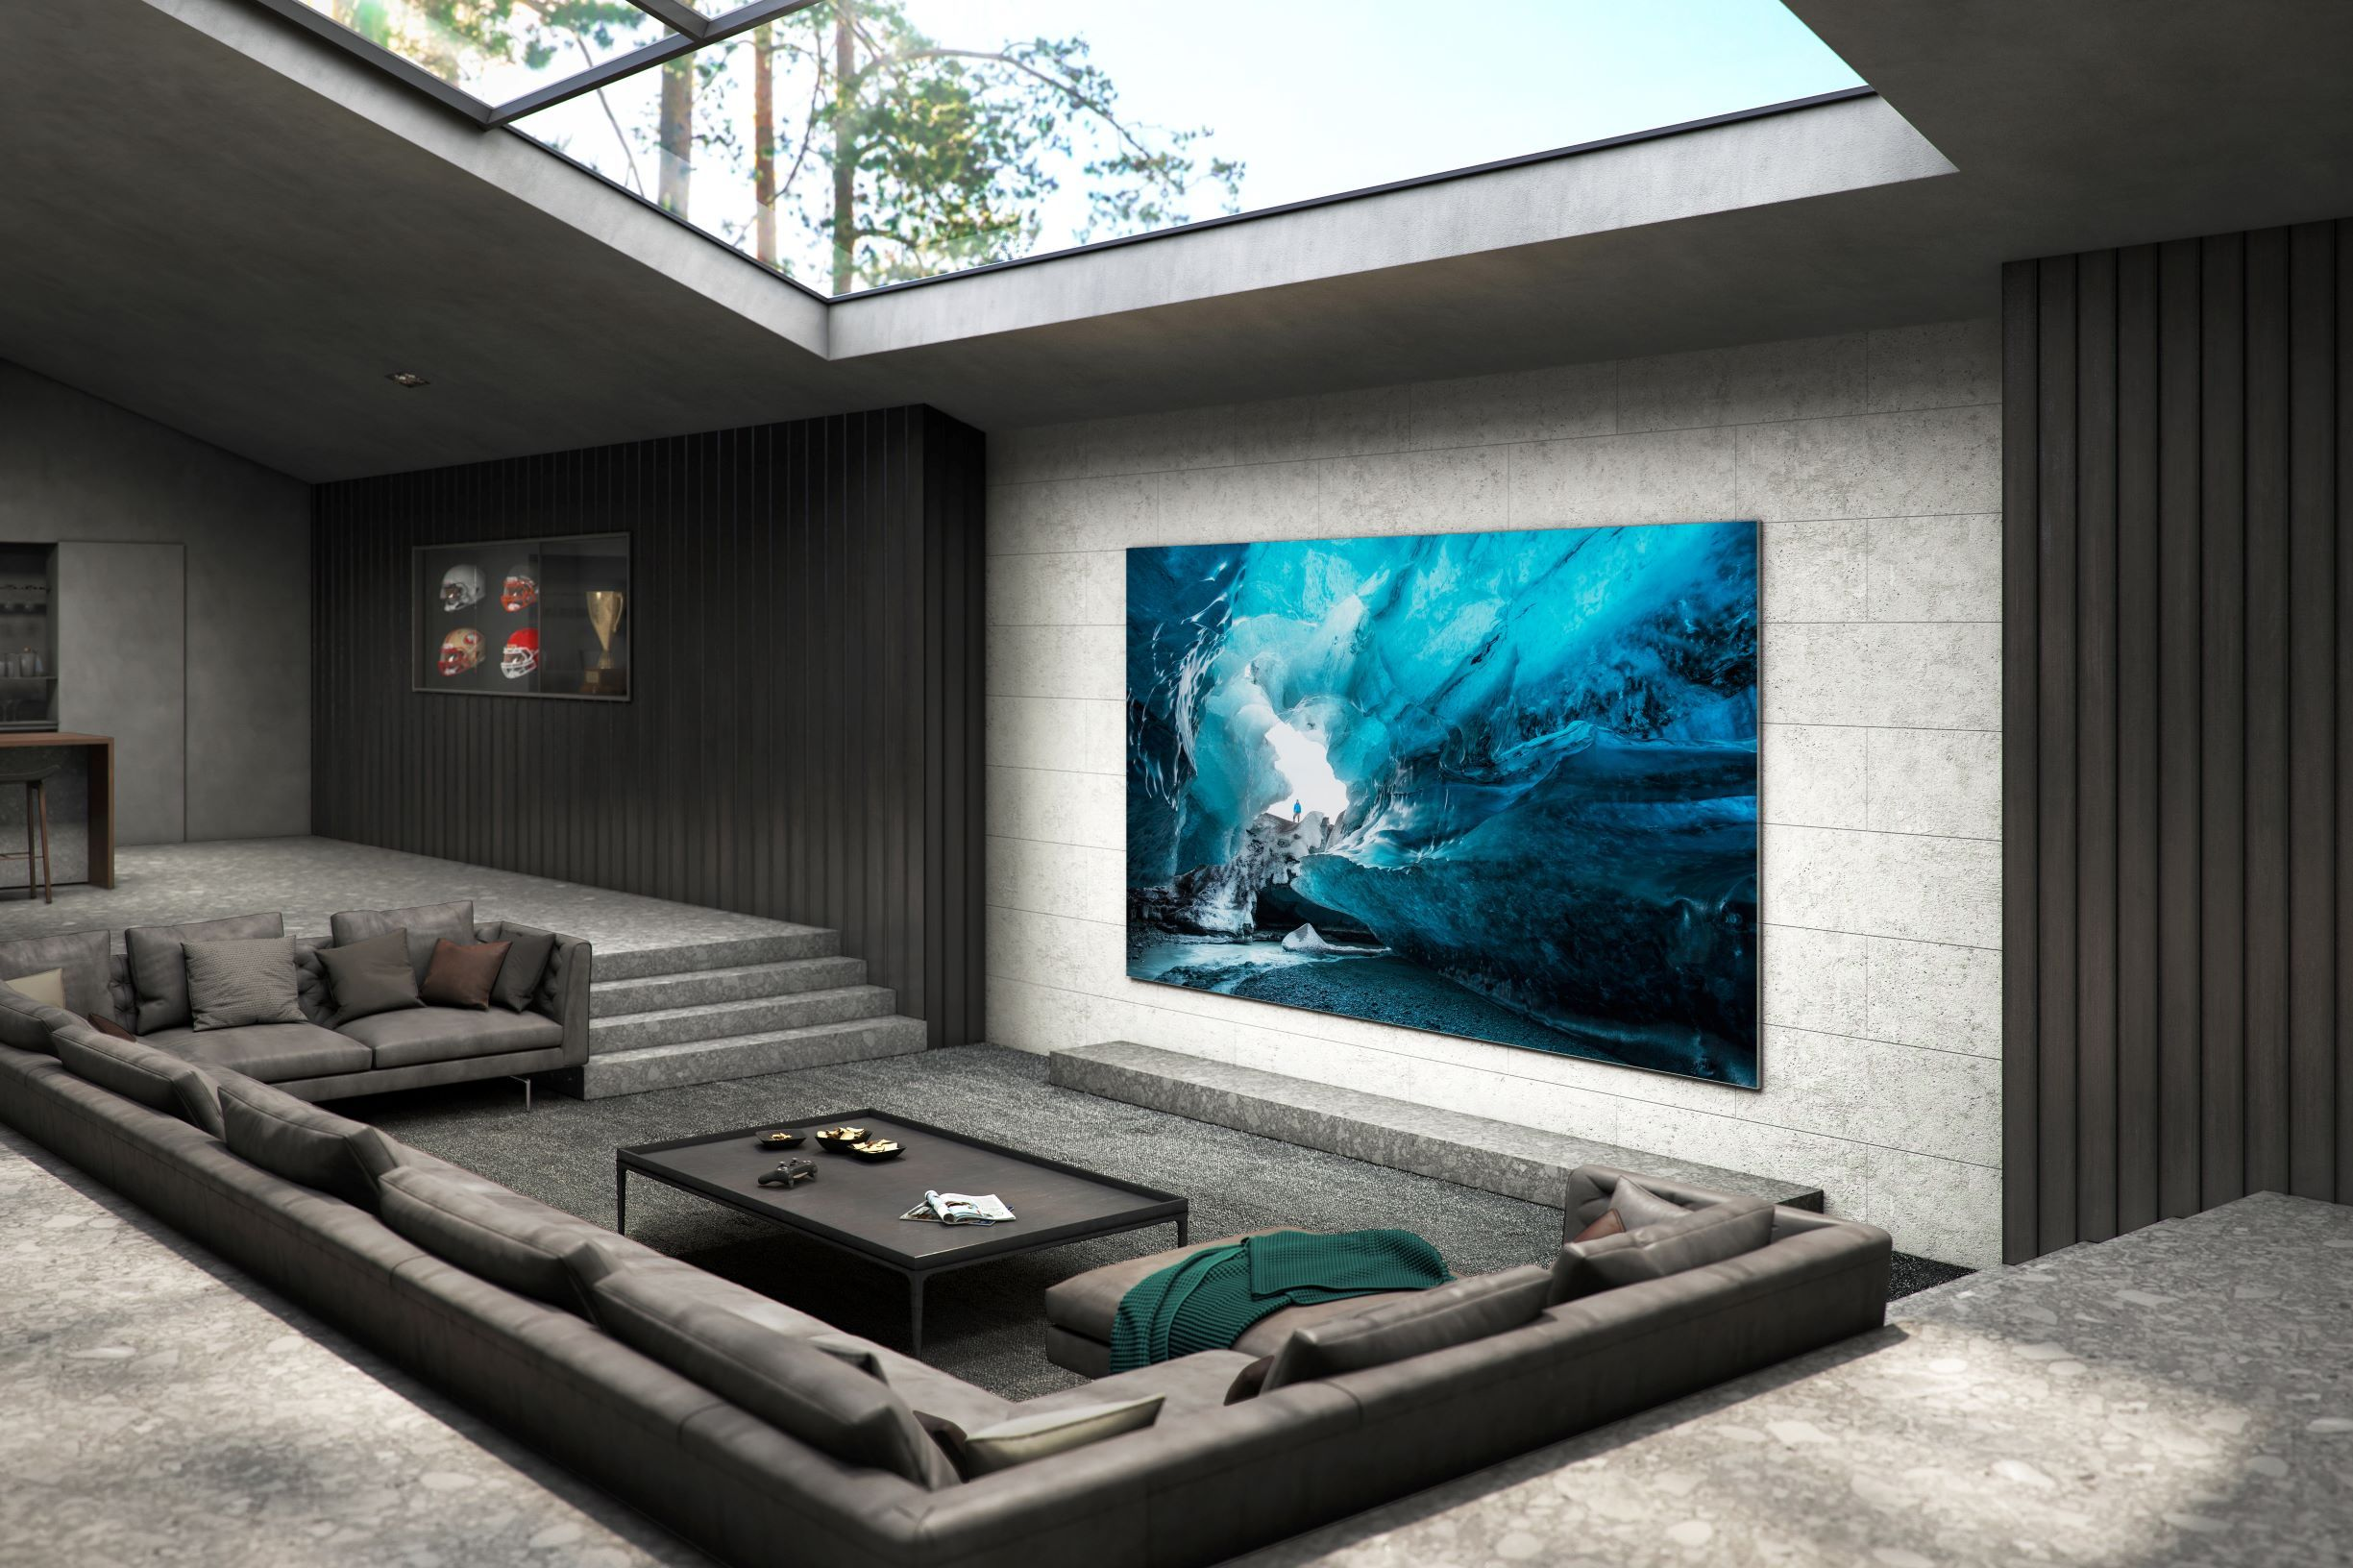 Samsung : le superbe TV 4K microLED de 110 pouces arrive début 2021